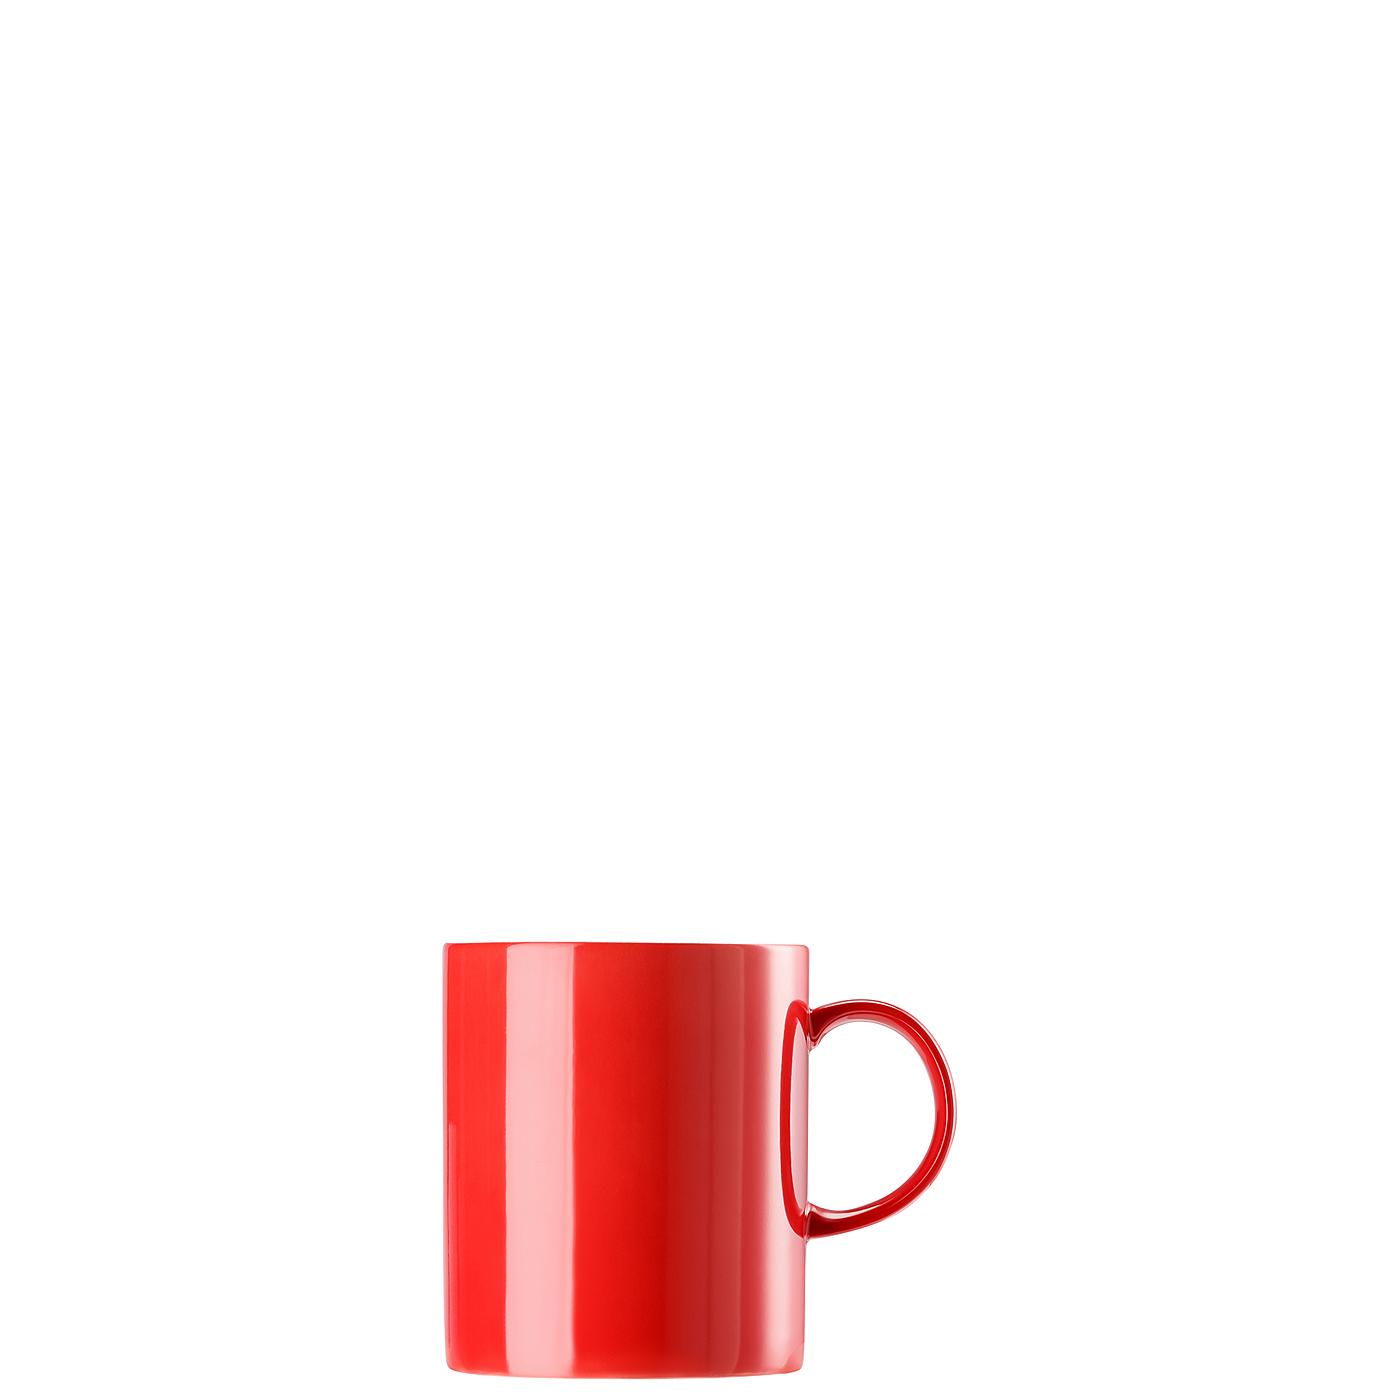 Becher mit Henkel groß Sunny Day New Red Thomas Porzellan